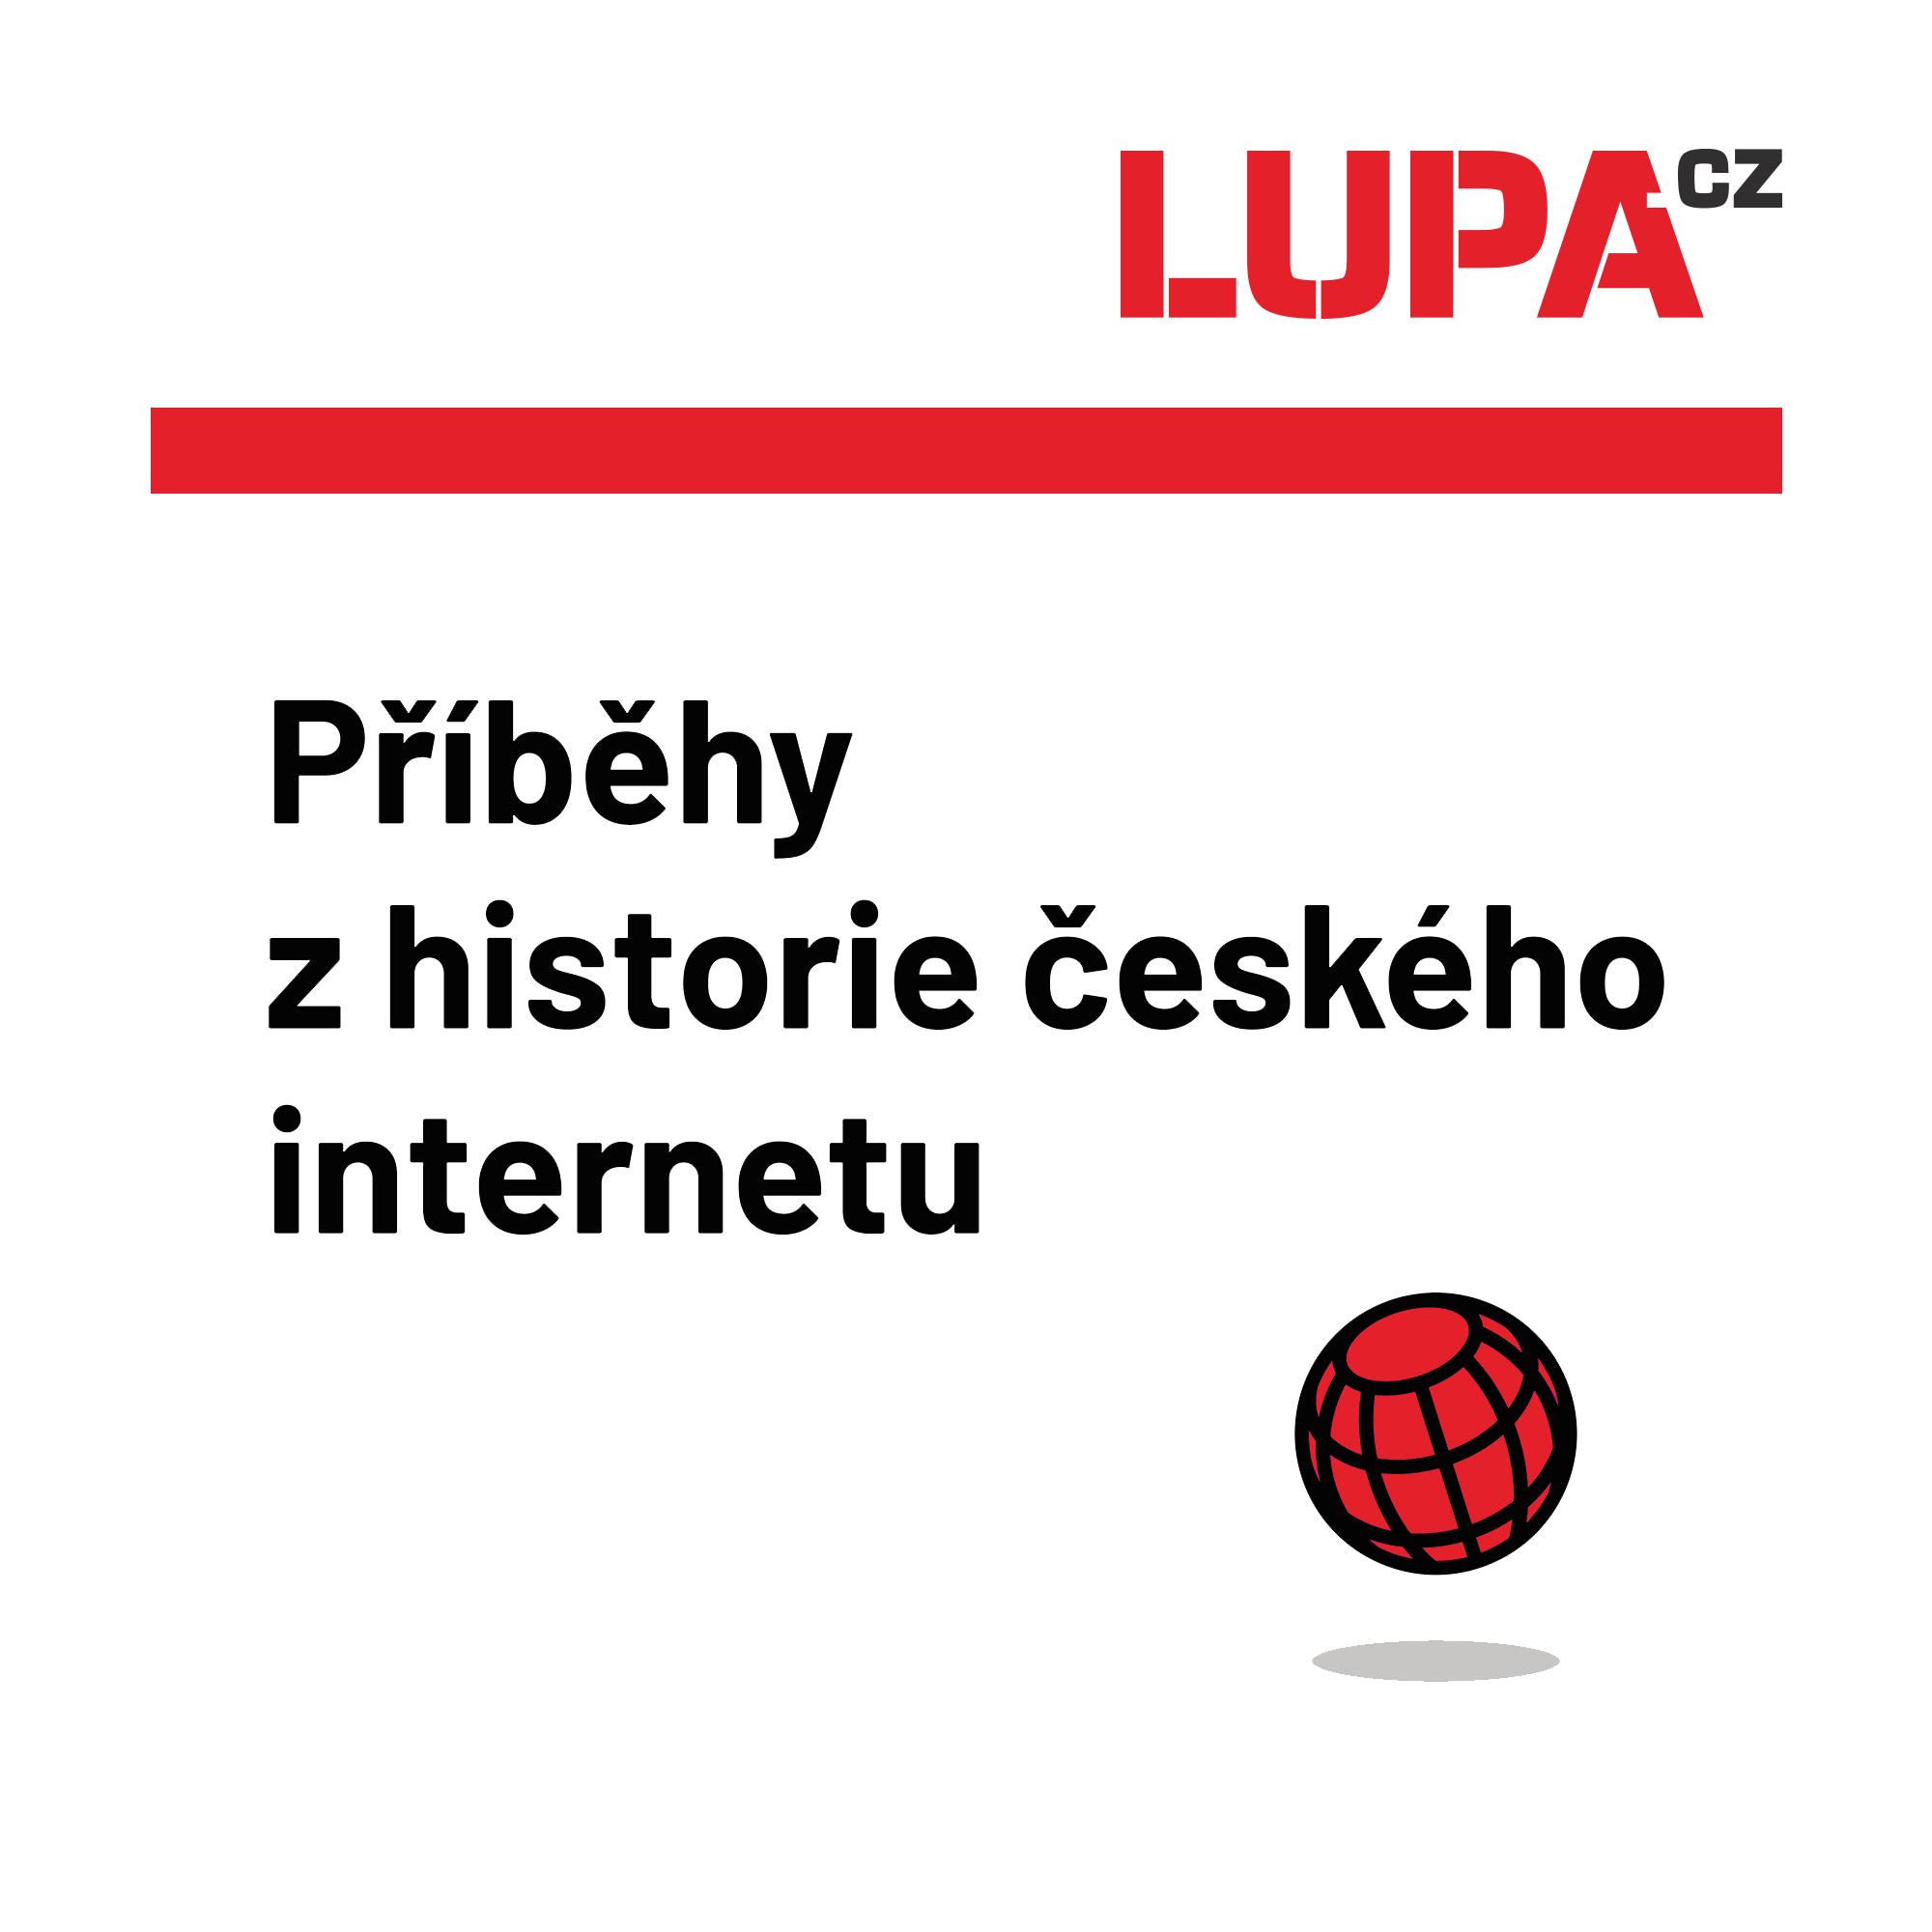 Příběhy z historie českého internetu: Internetoví pionýři, kteří přišli příliš brzy